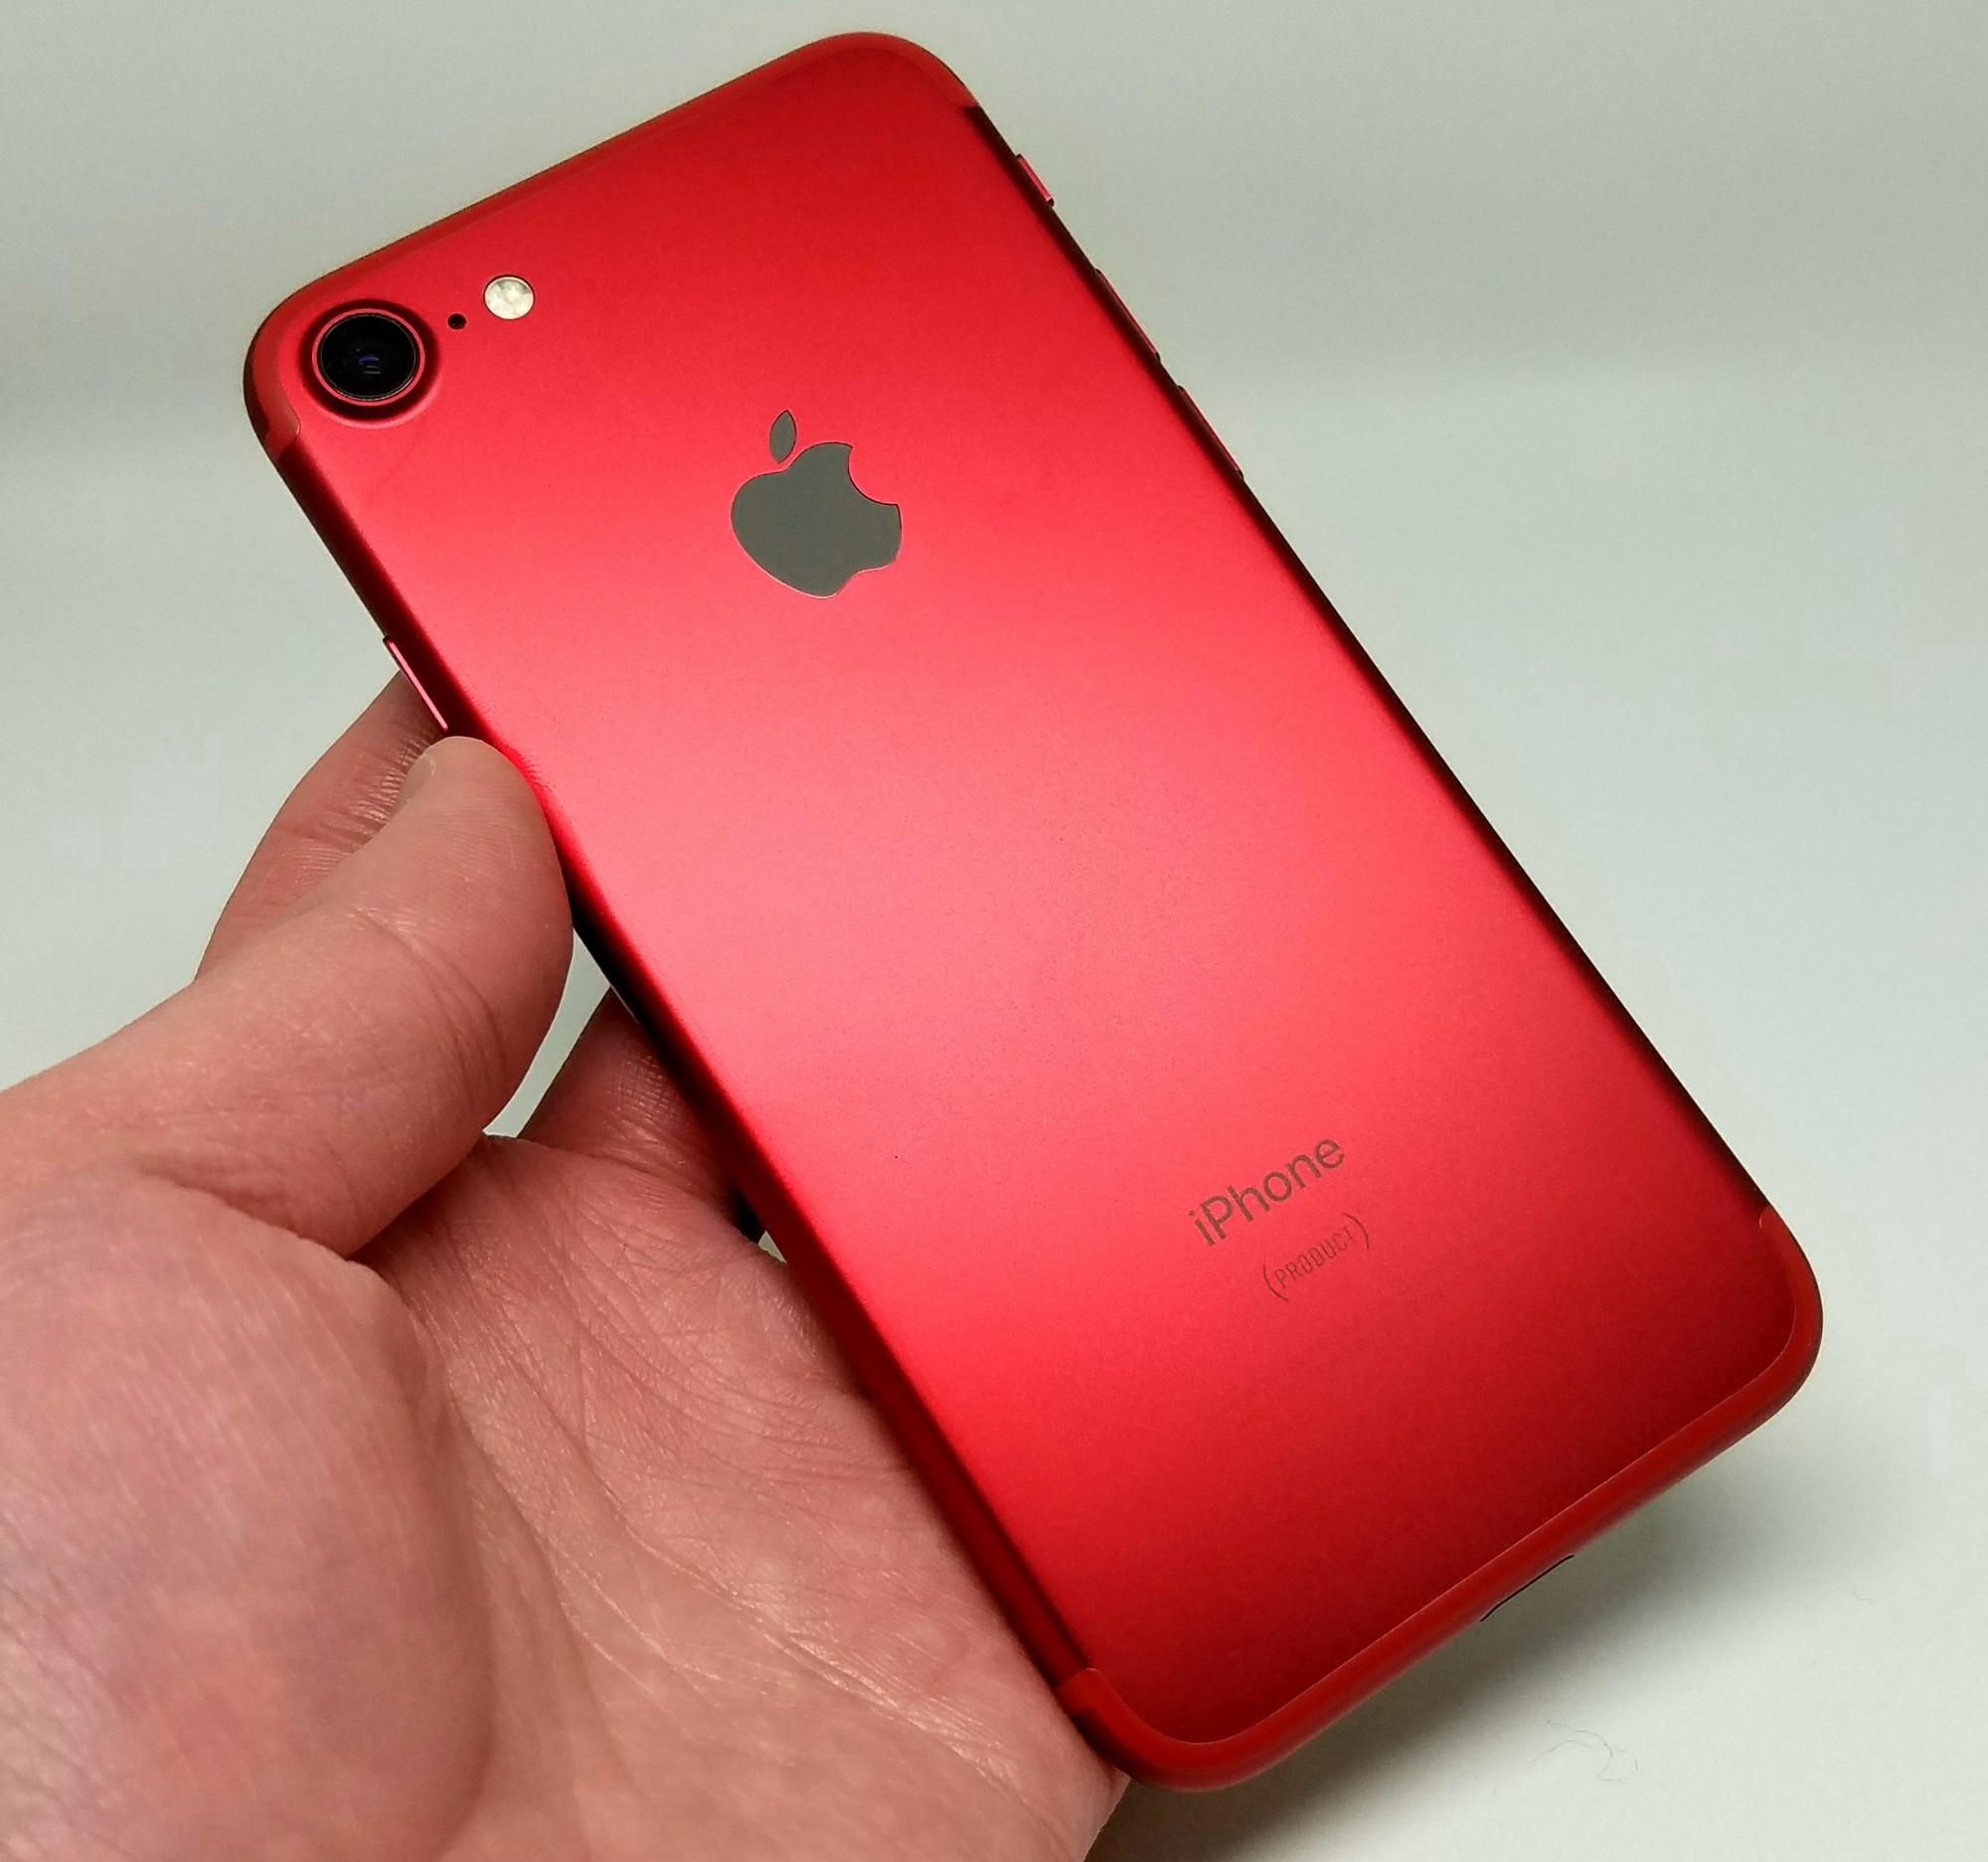 高級感漂う美しい新色「iPhone 7 PRODUCT(RED)」を購入開封レビュー!